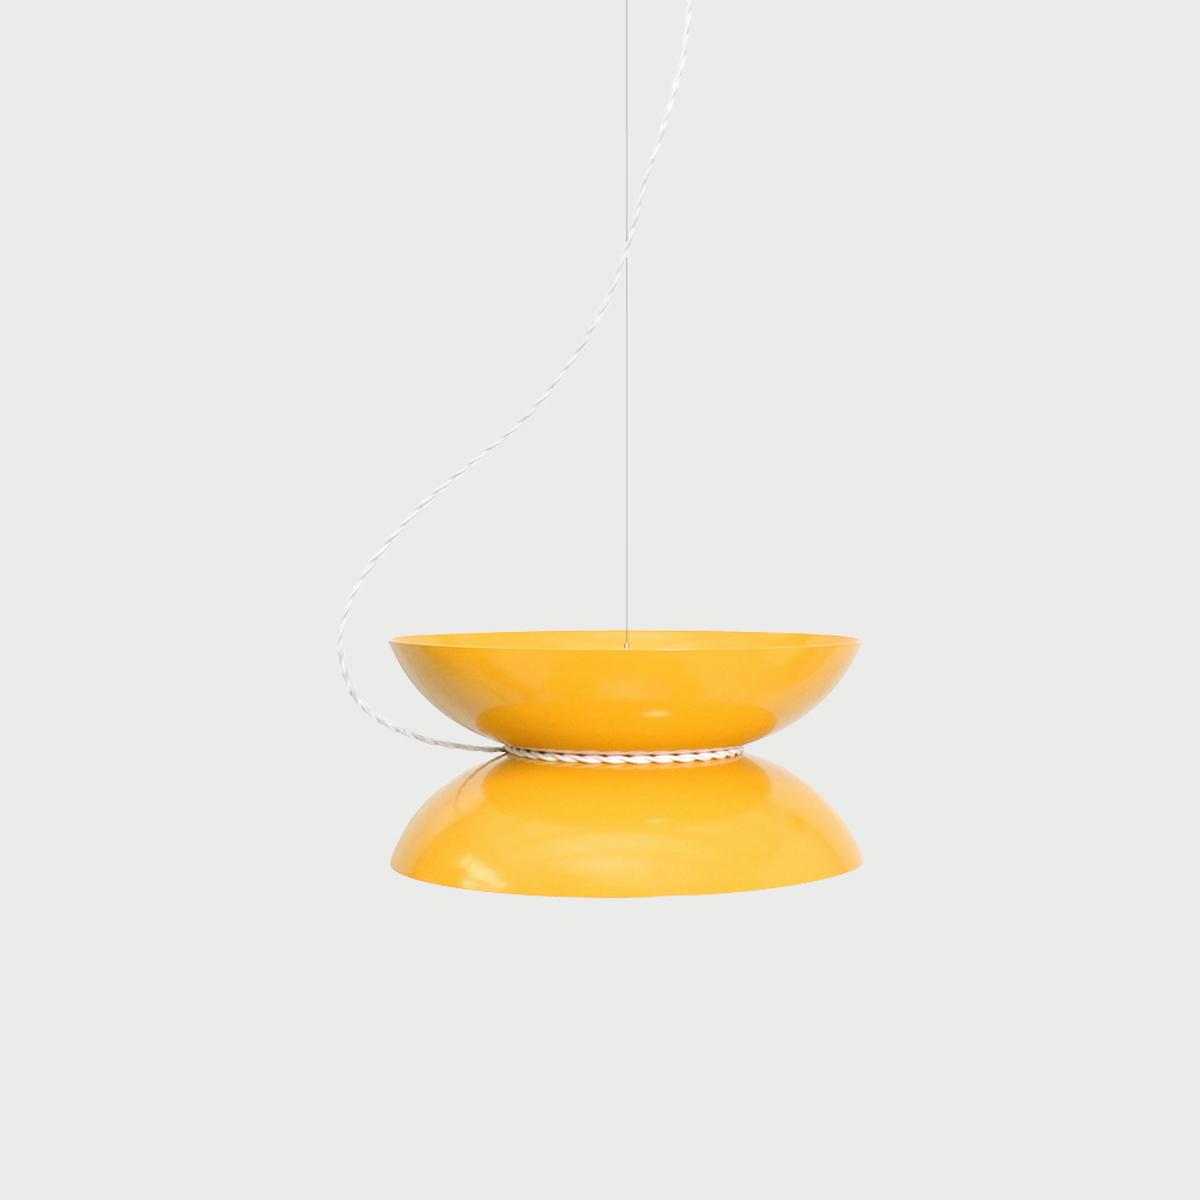 Yoyo medium yellow  281 29